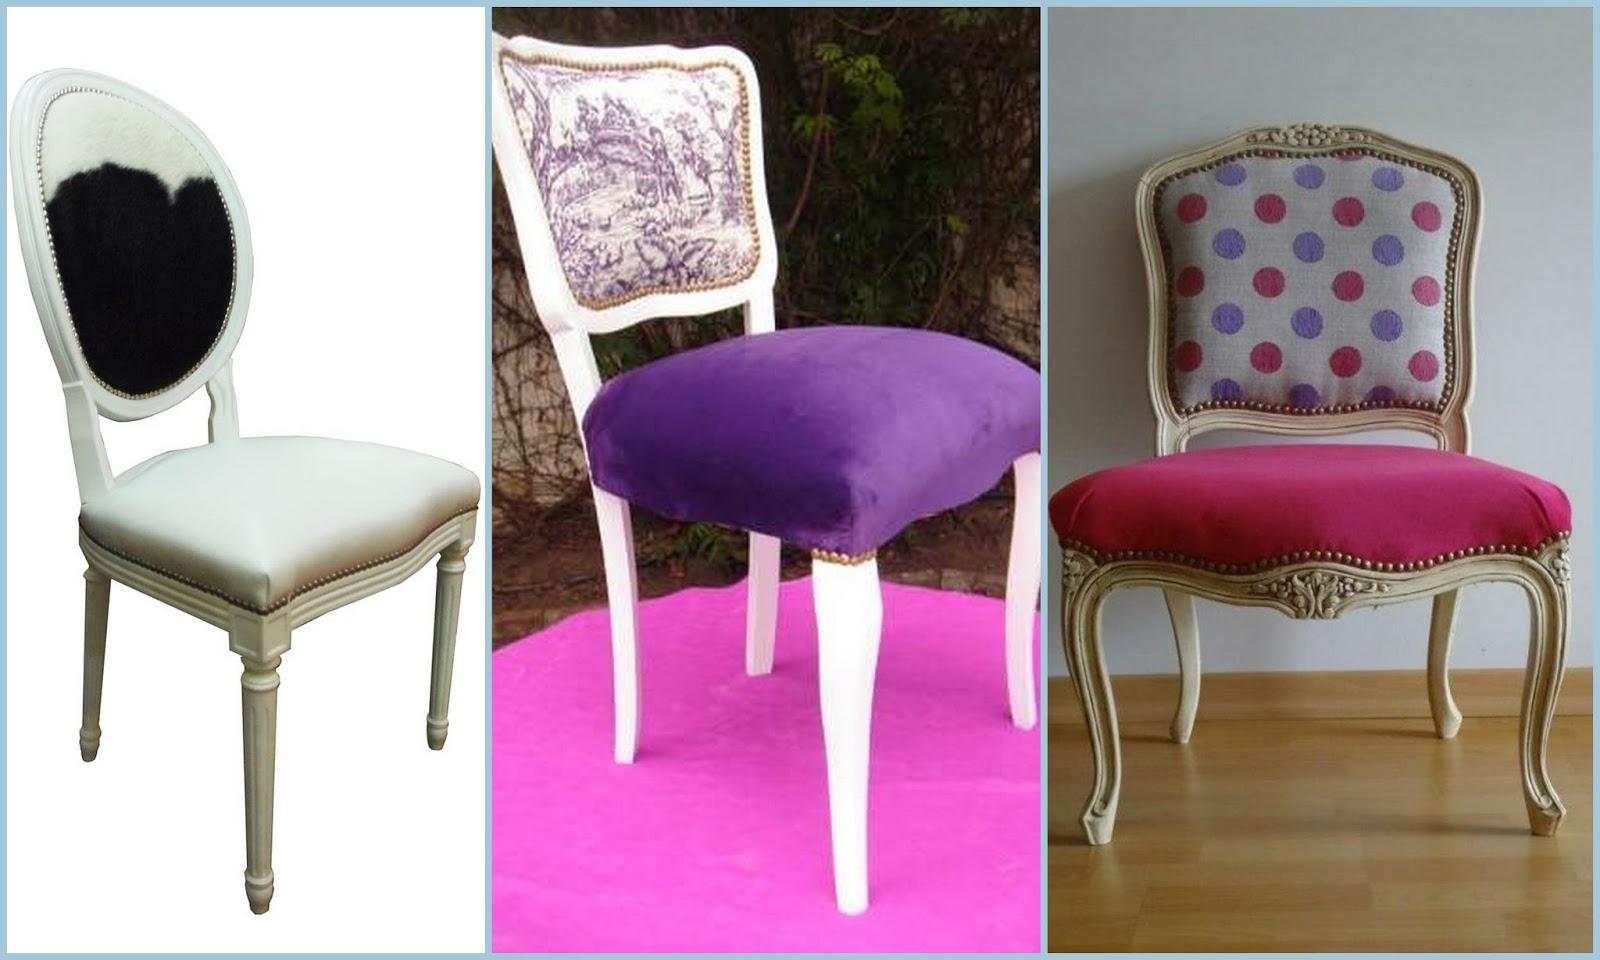 Dolce hogar silla estilo luis xvi for Sillas de estilo